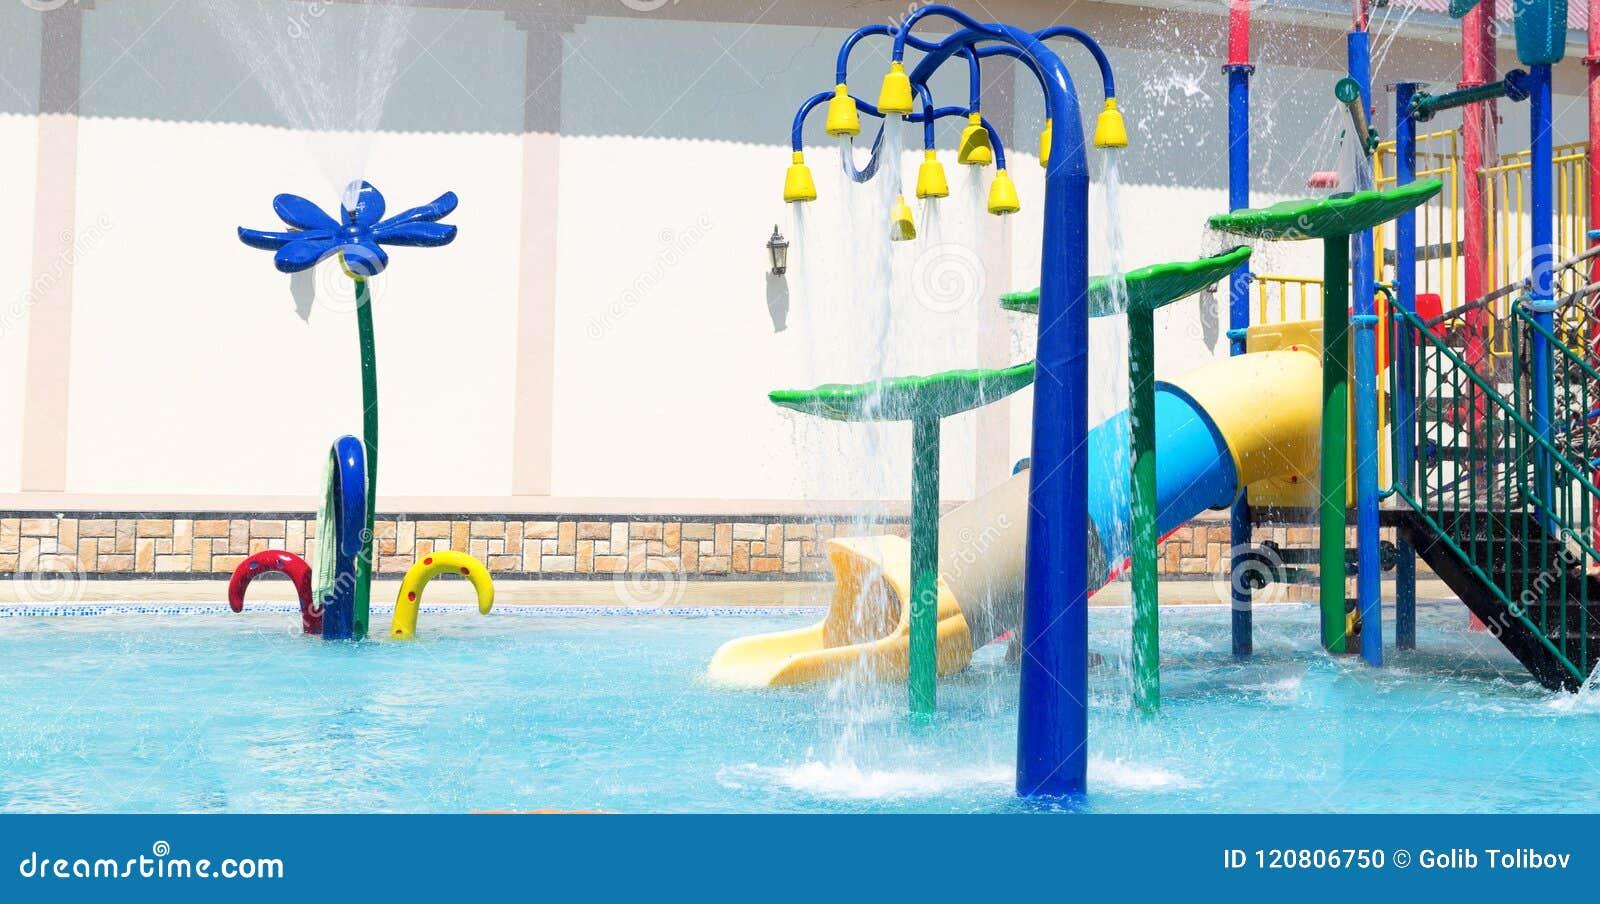 Espirre a almofada ou o sprayground no parque para crianças, conceito da água da associação do fundo da atividade das crianças